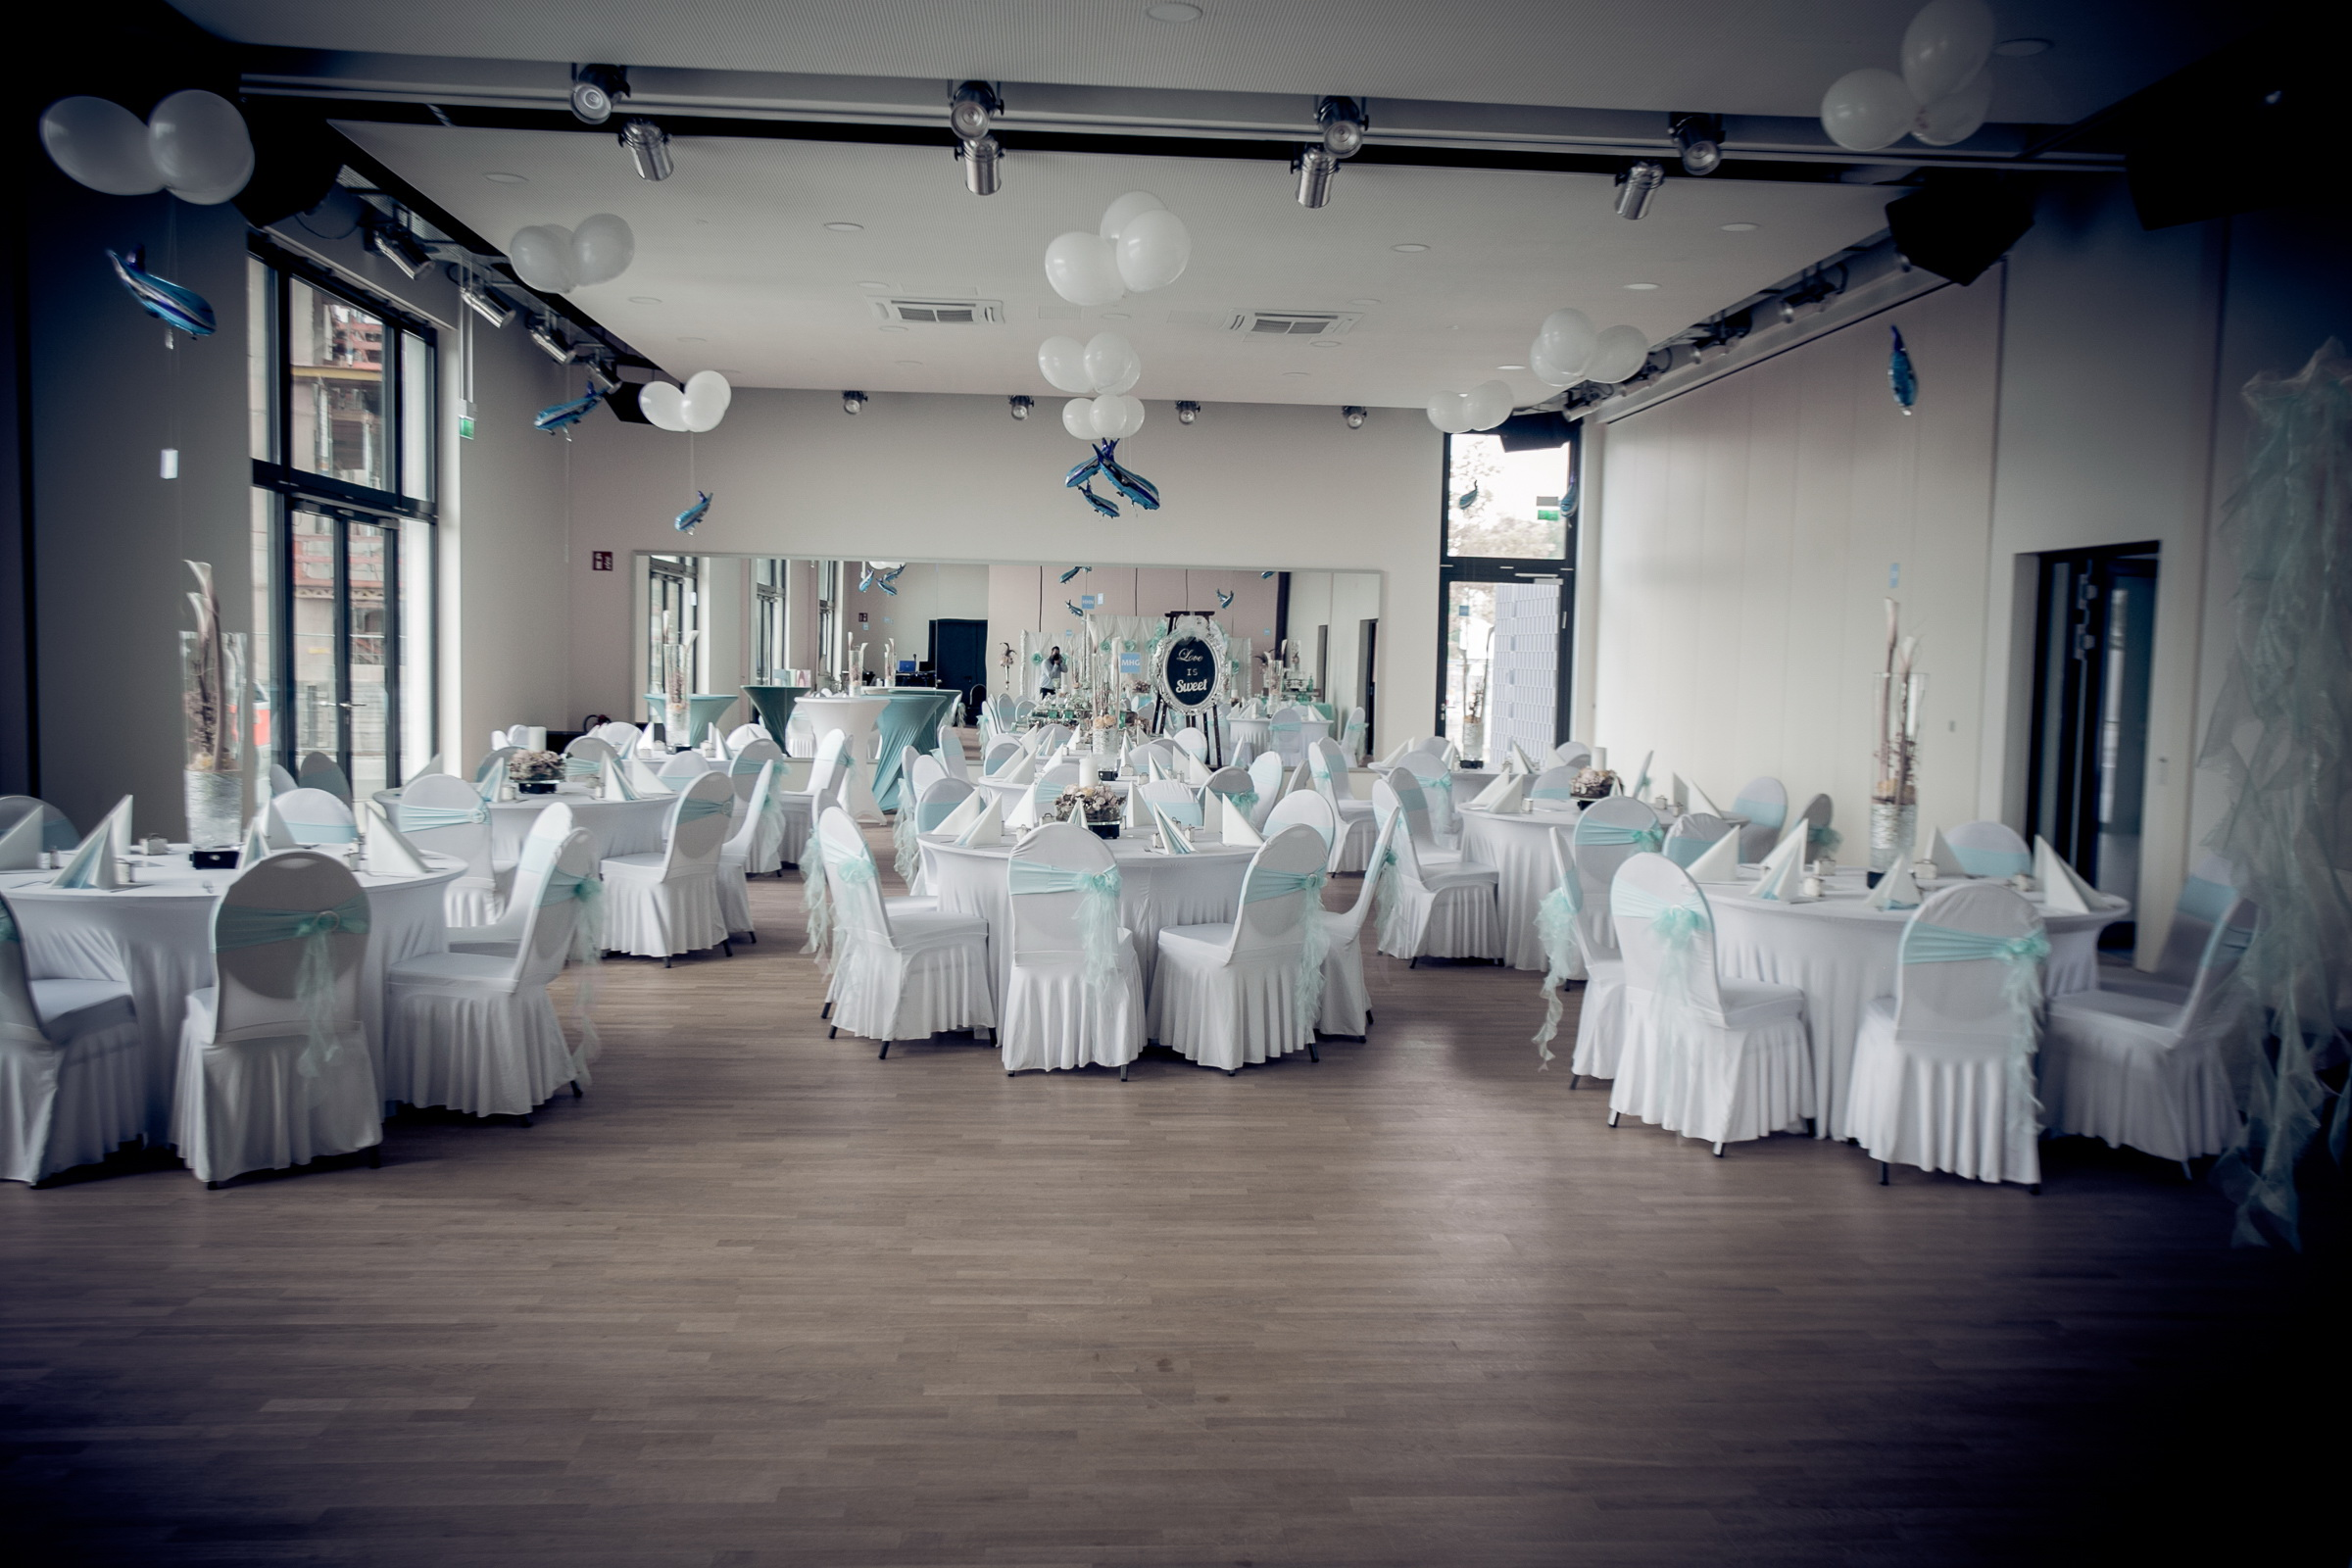 Saarrondo Dekoratiosbeispiel Hochzeitsfeier